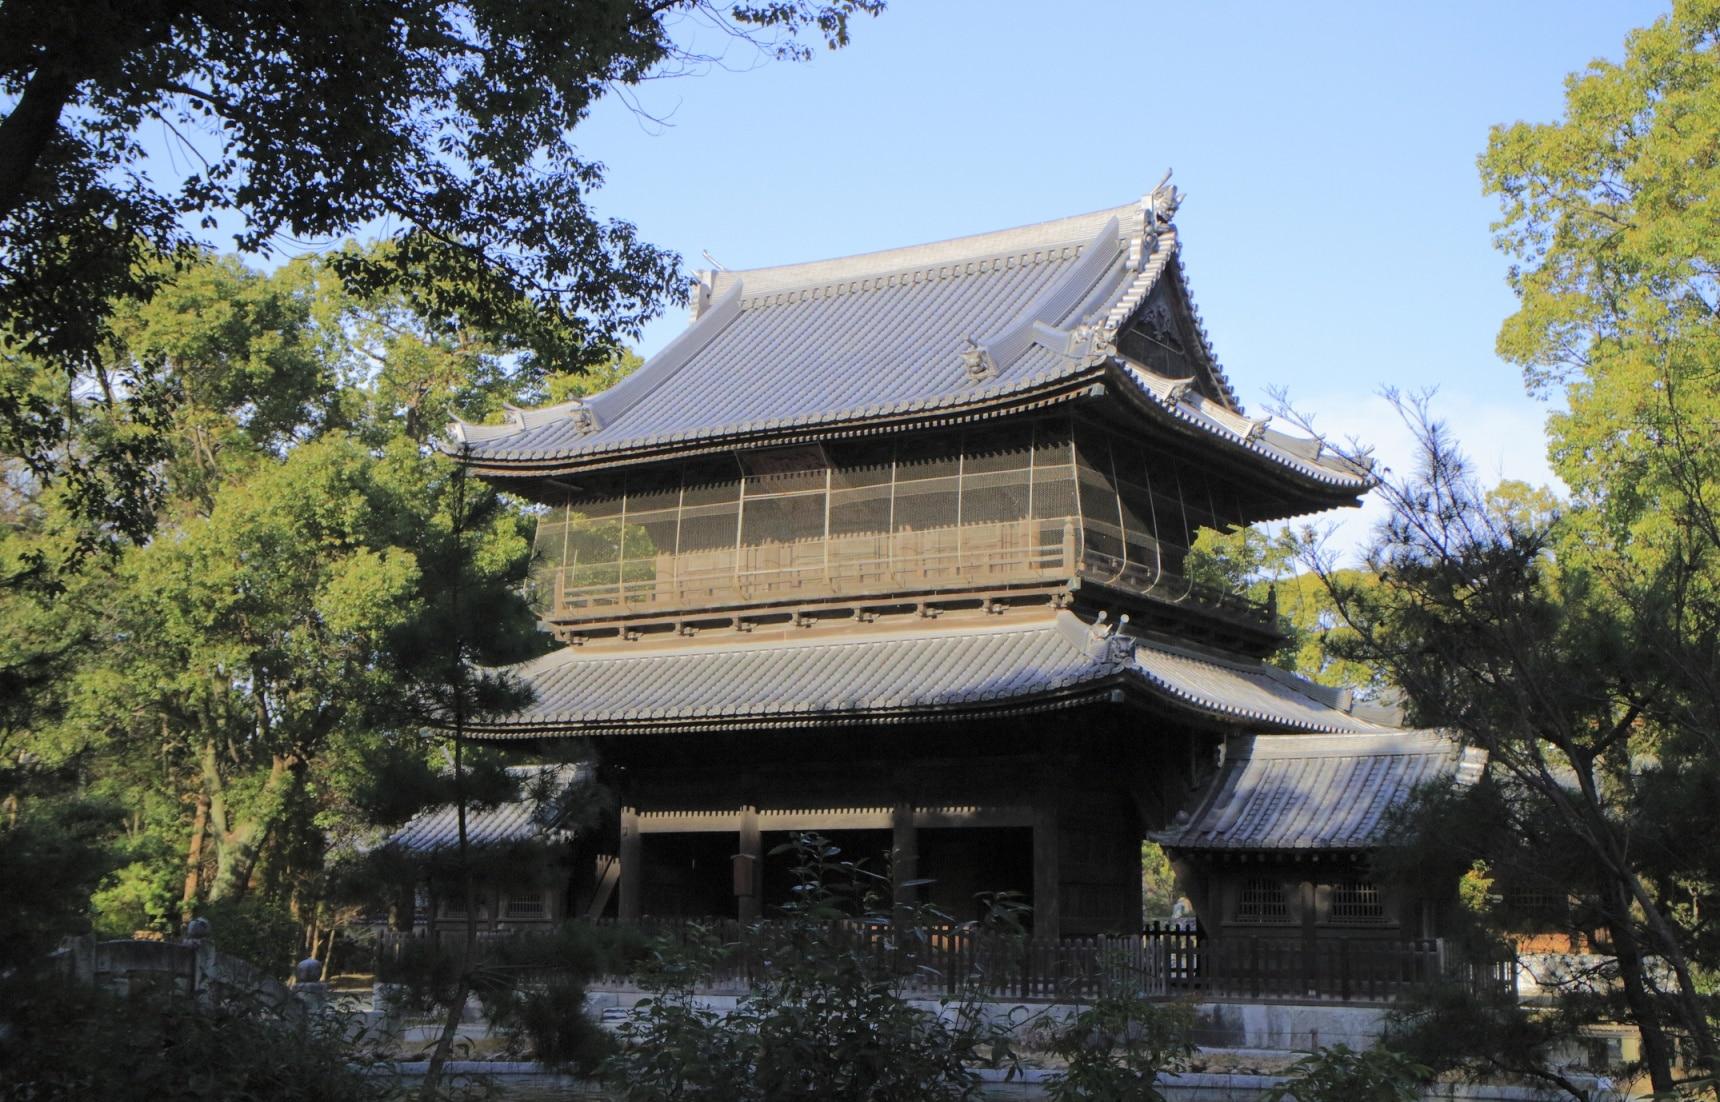 日本最早的禅宗寺院和日本茶的发祥地 圣福寺